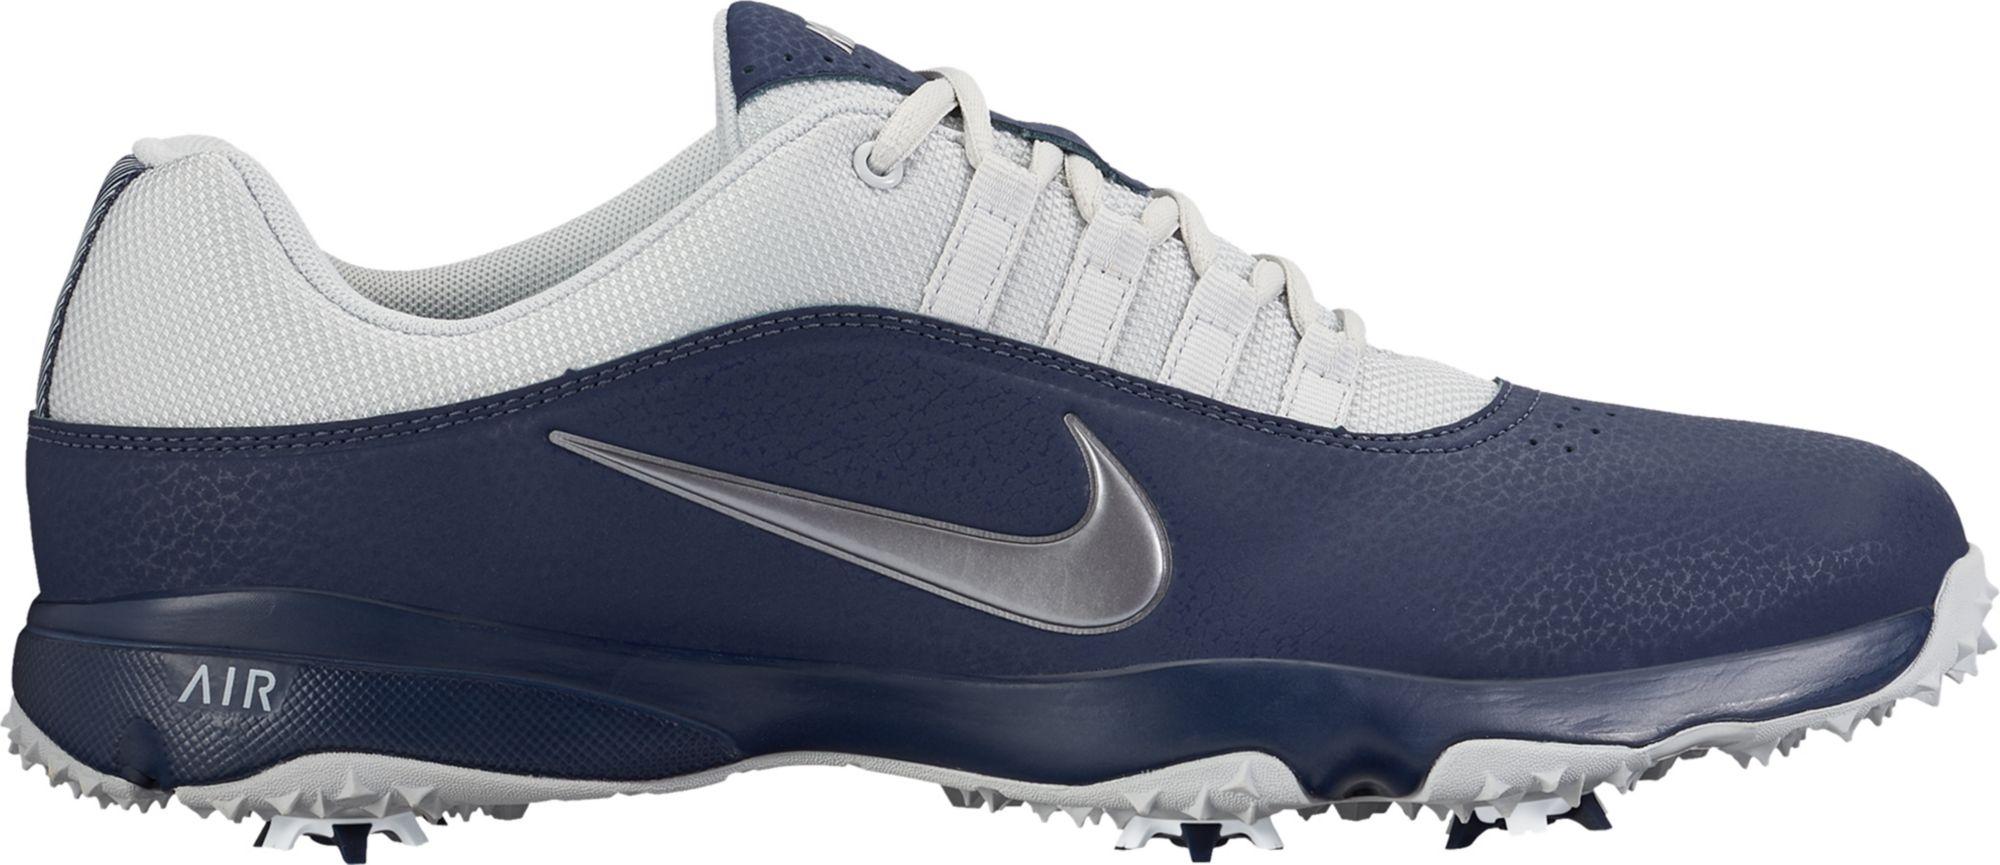 Nike Air Rival 4 Golf Shoes